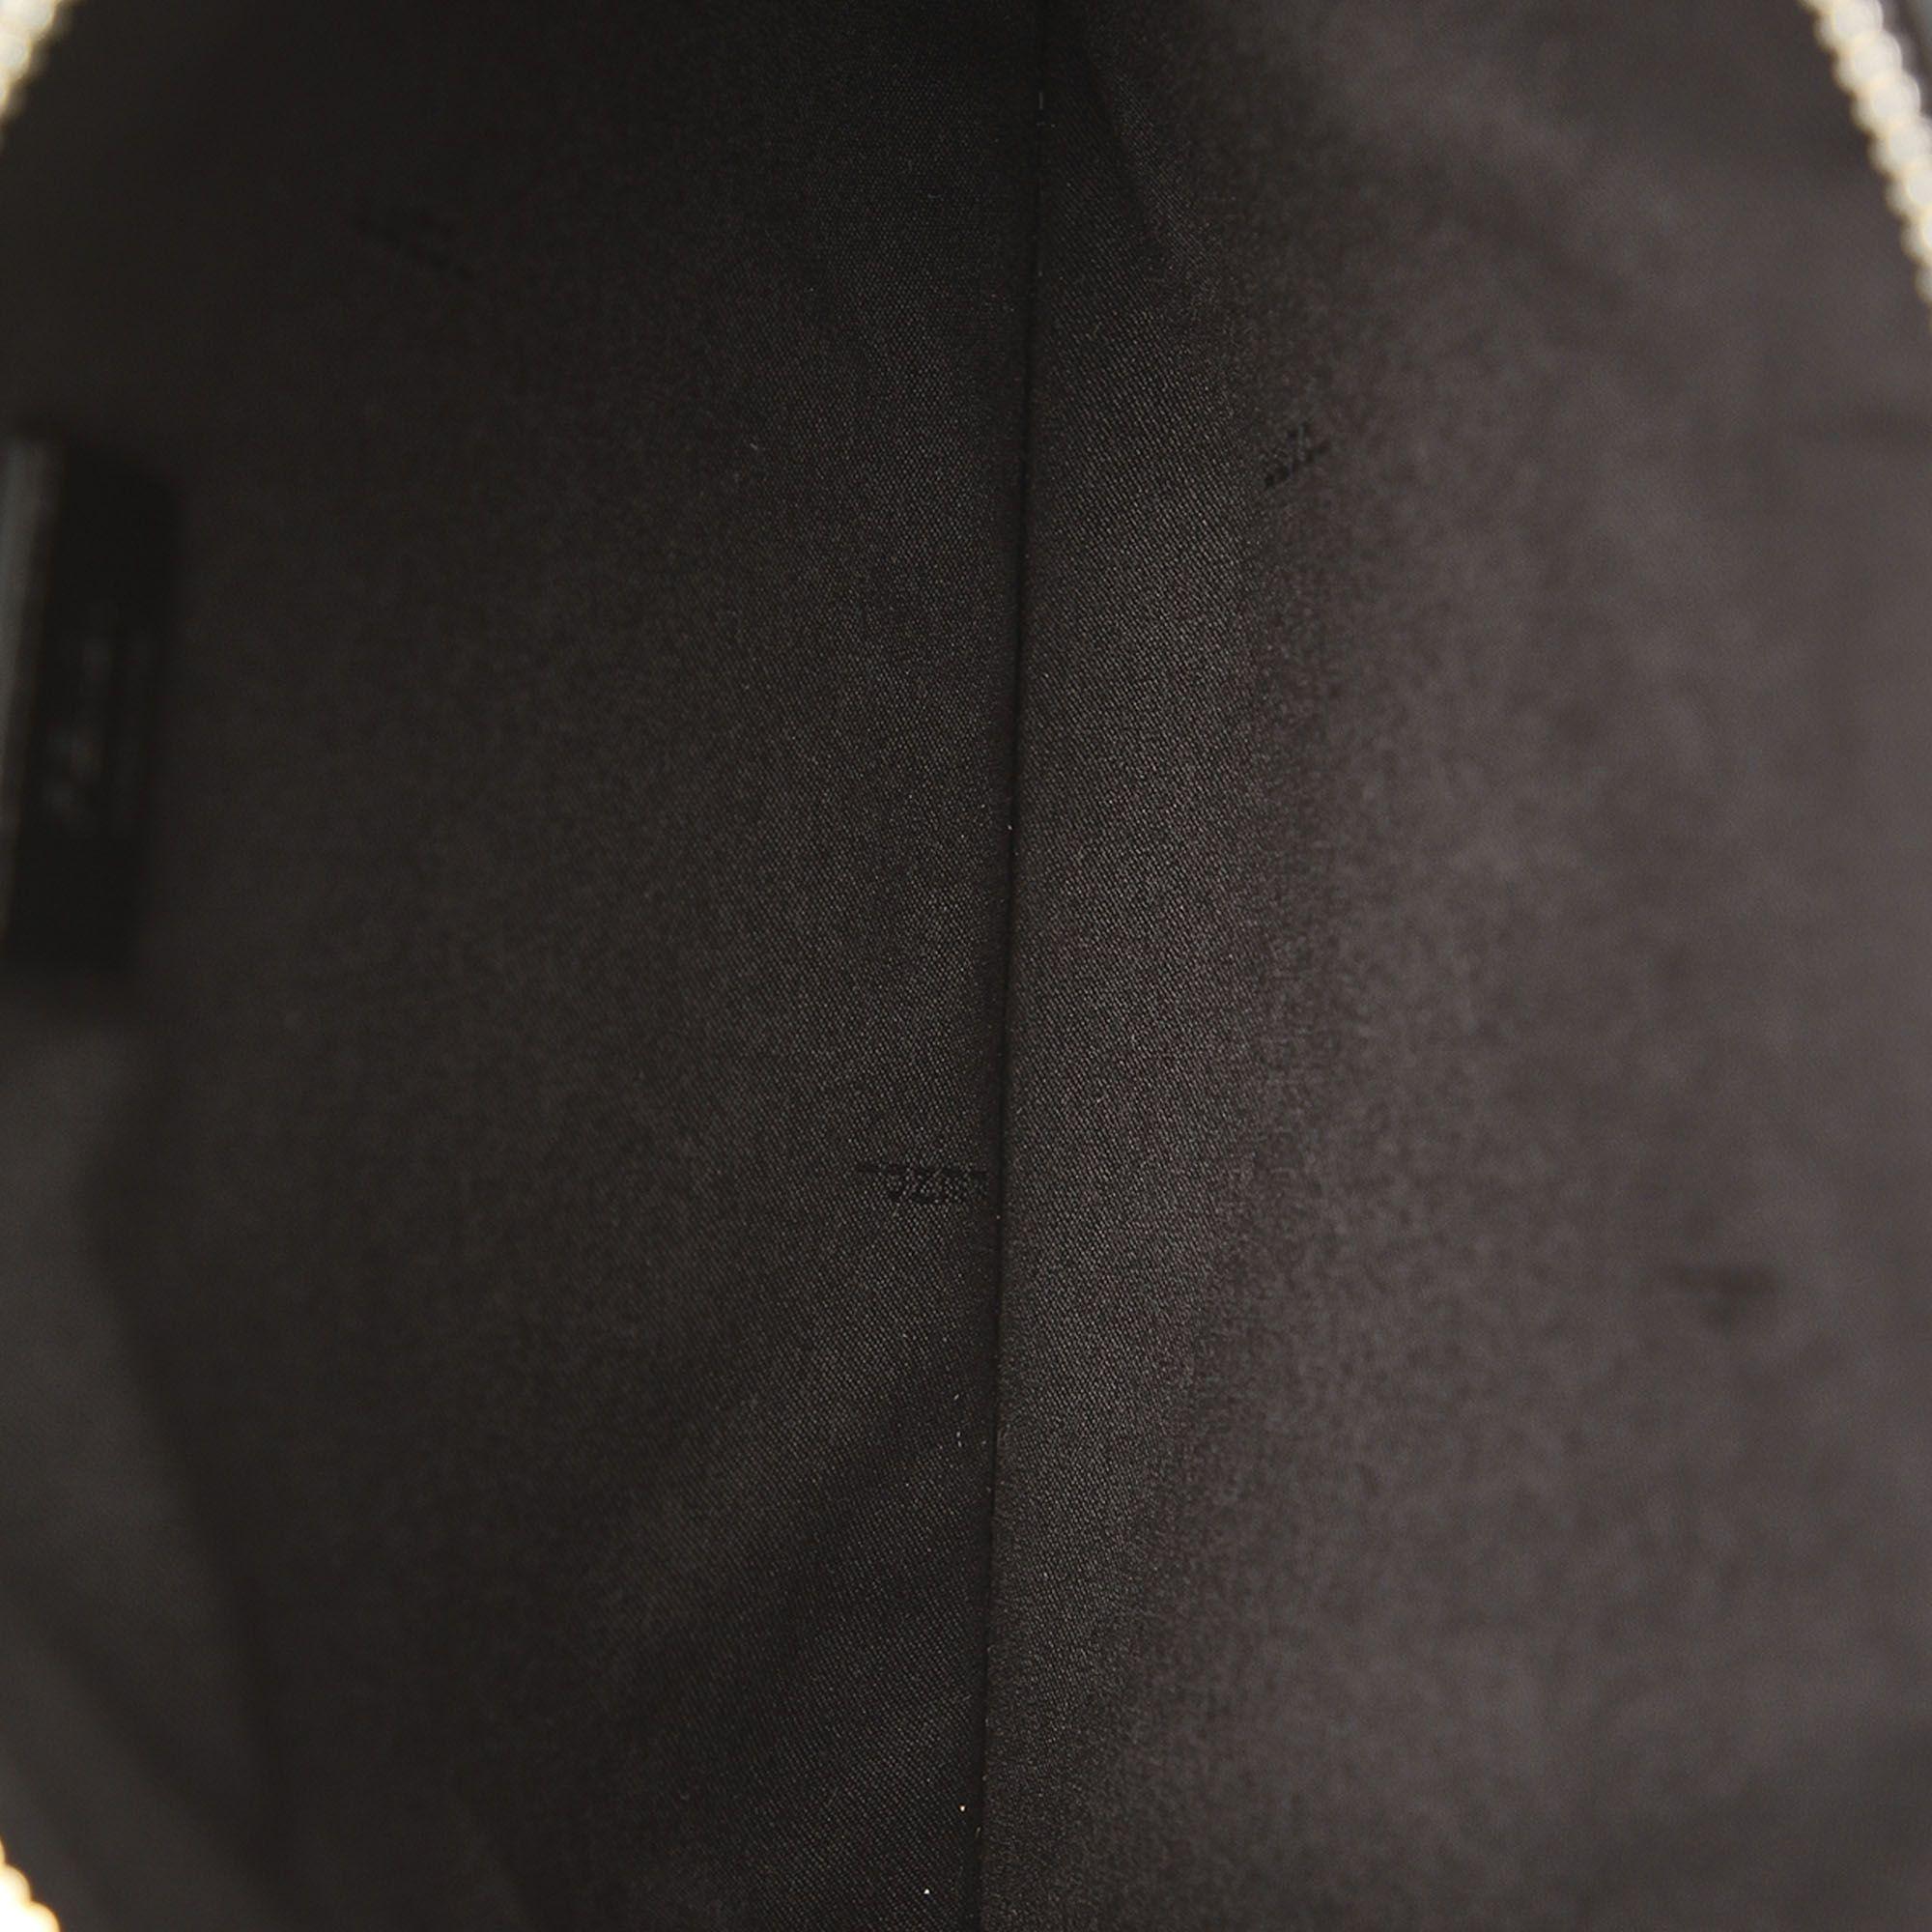 Vintage Fendi Face No Word Leather Clutch Bag Black